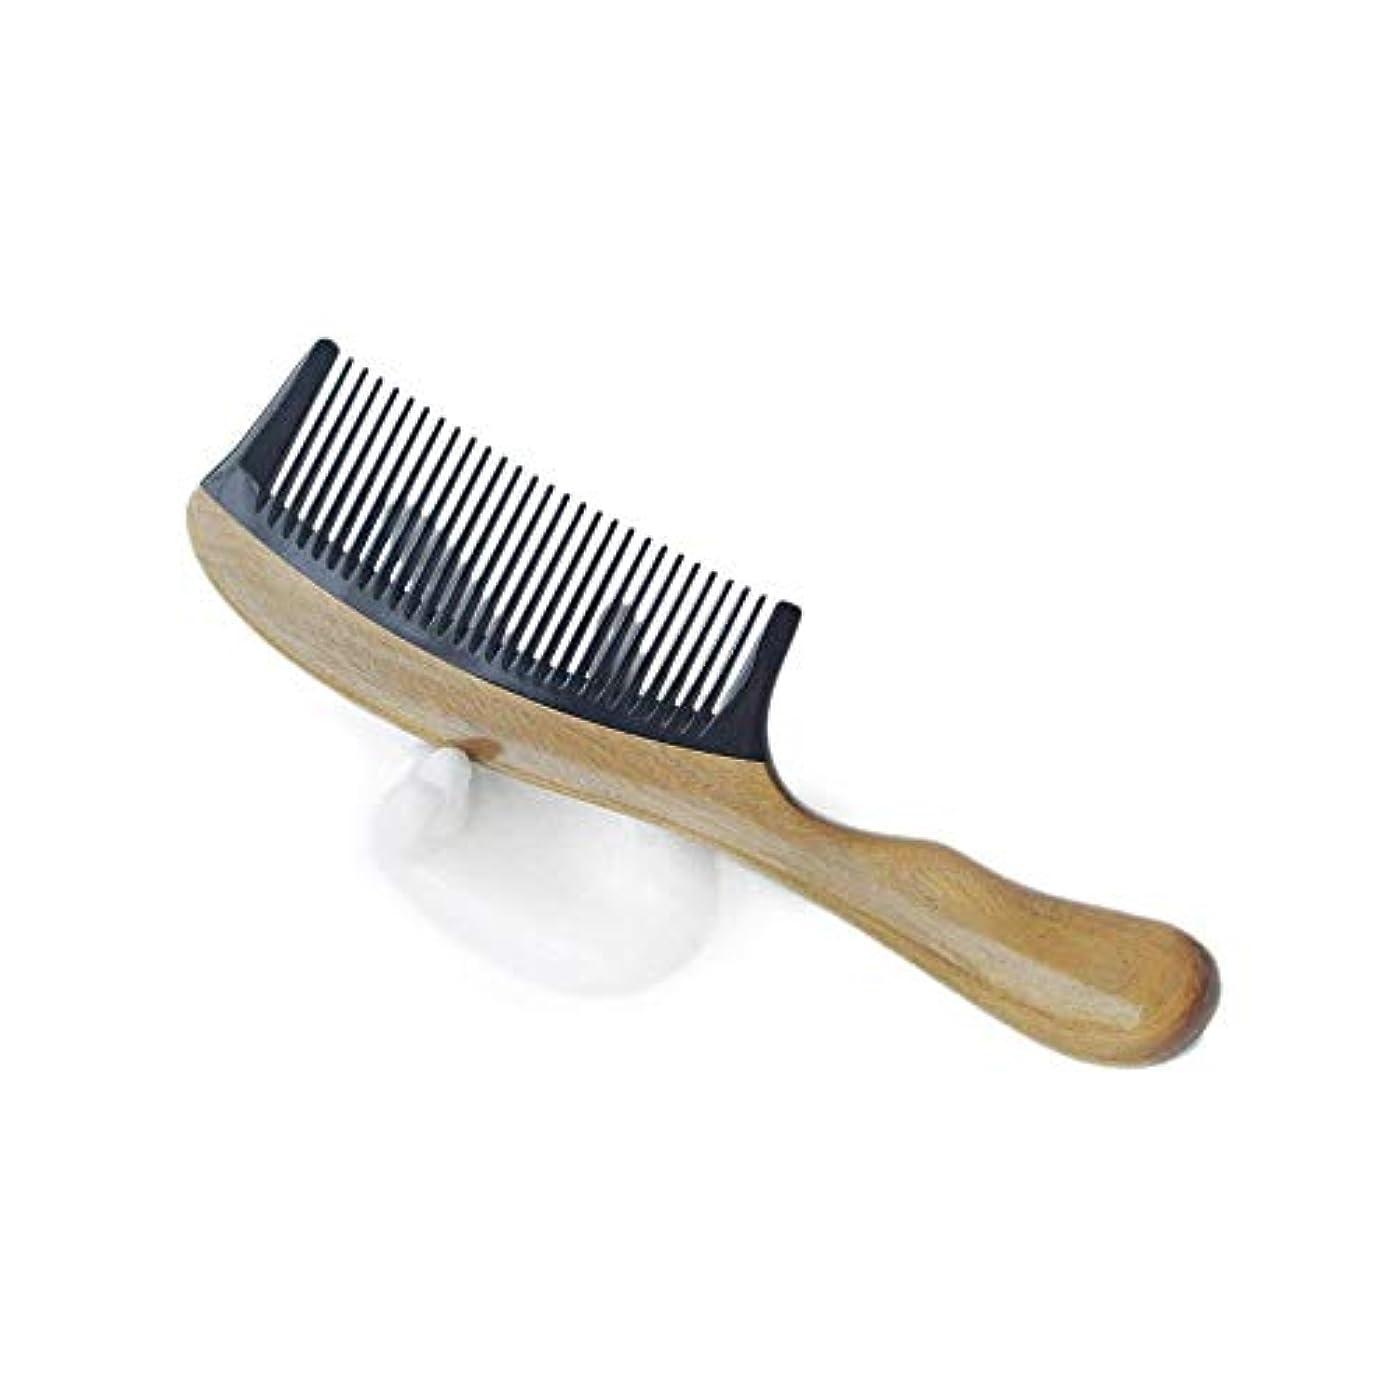 平均リングレット切り離すFashianサンダルウッドくし手作りの木製くし静電防止(ショートハンドル - ワイド歯) ヘアケア